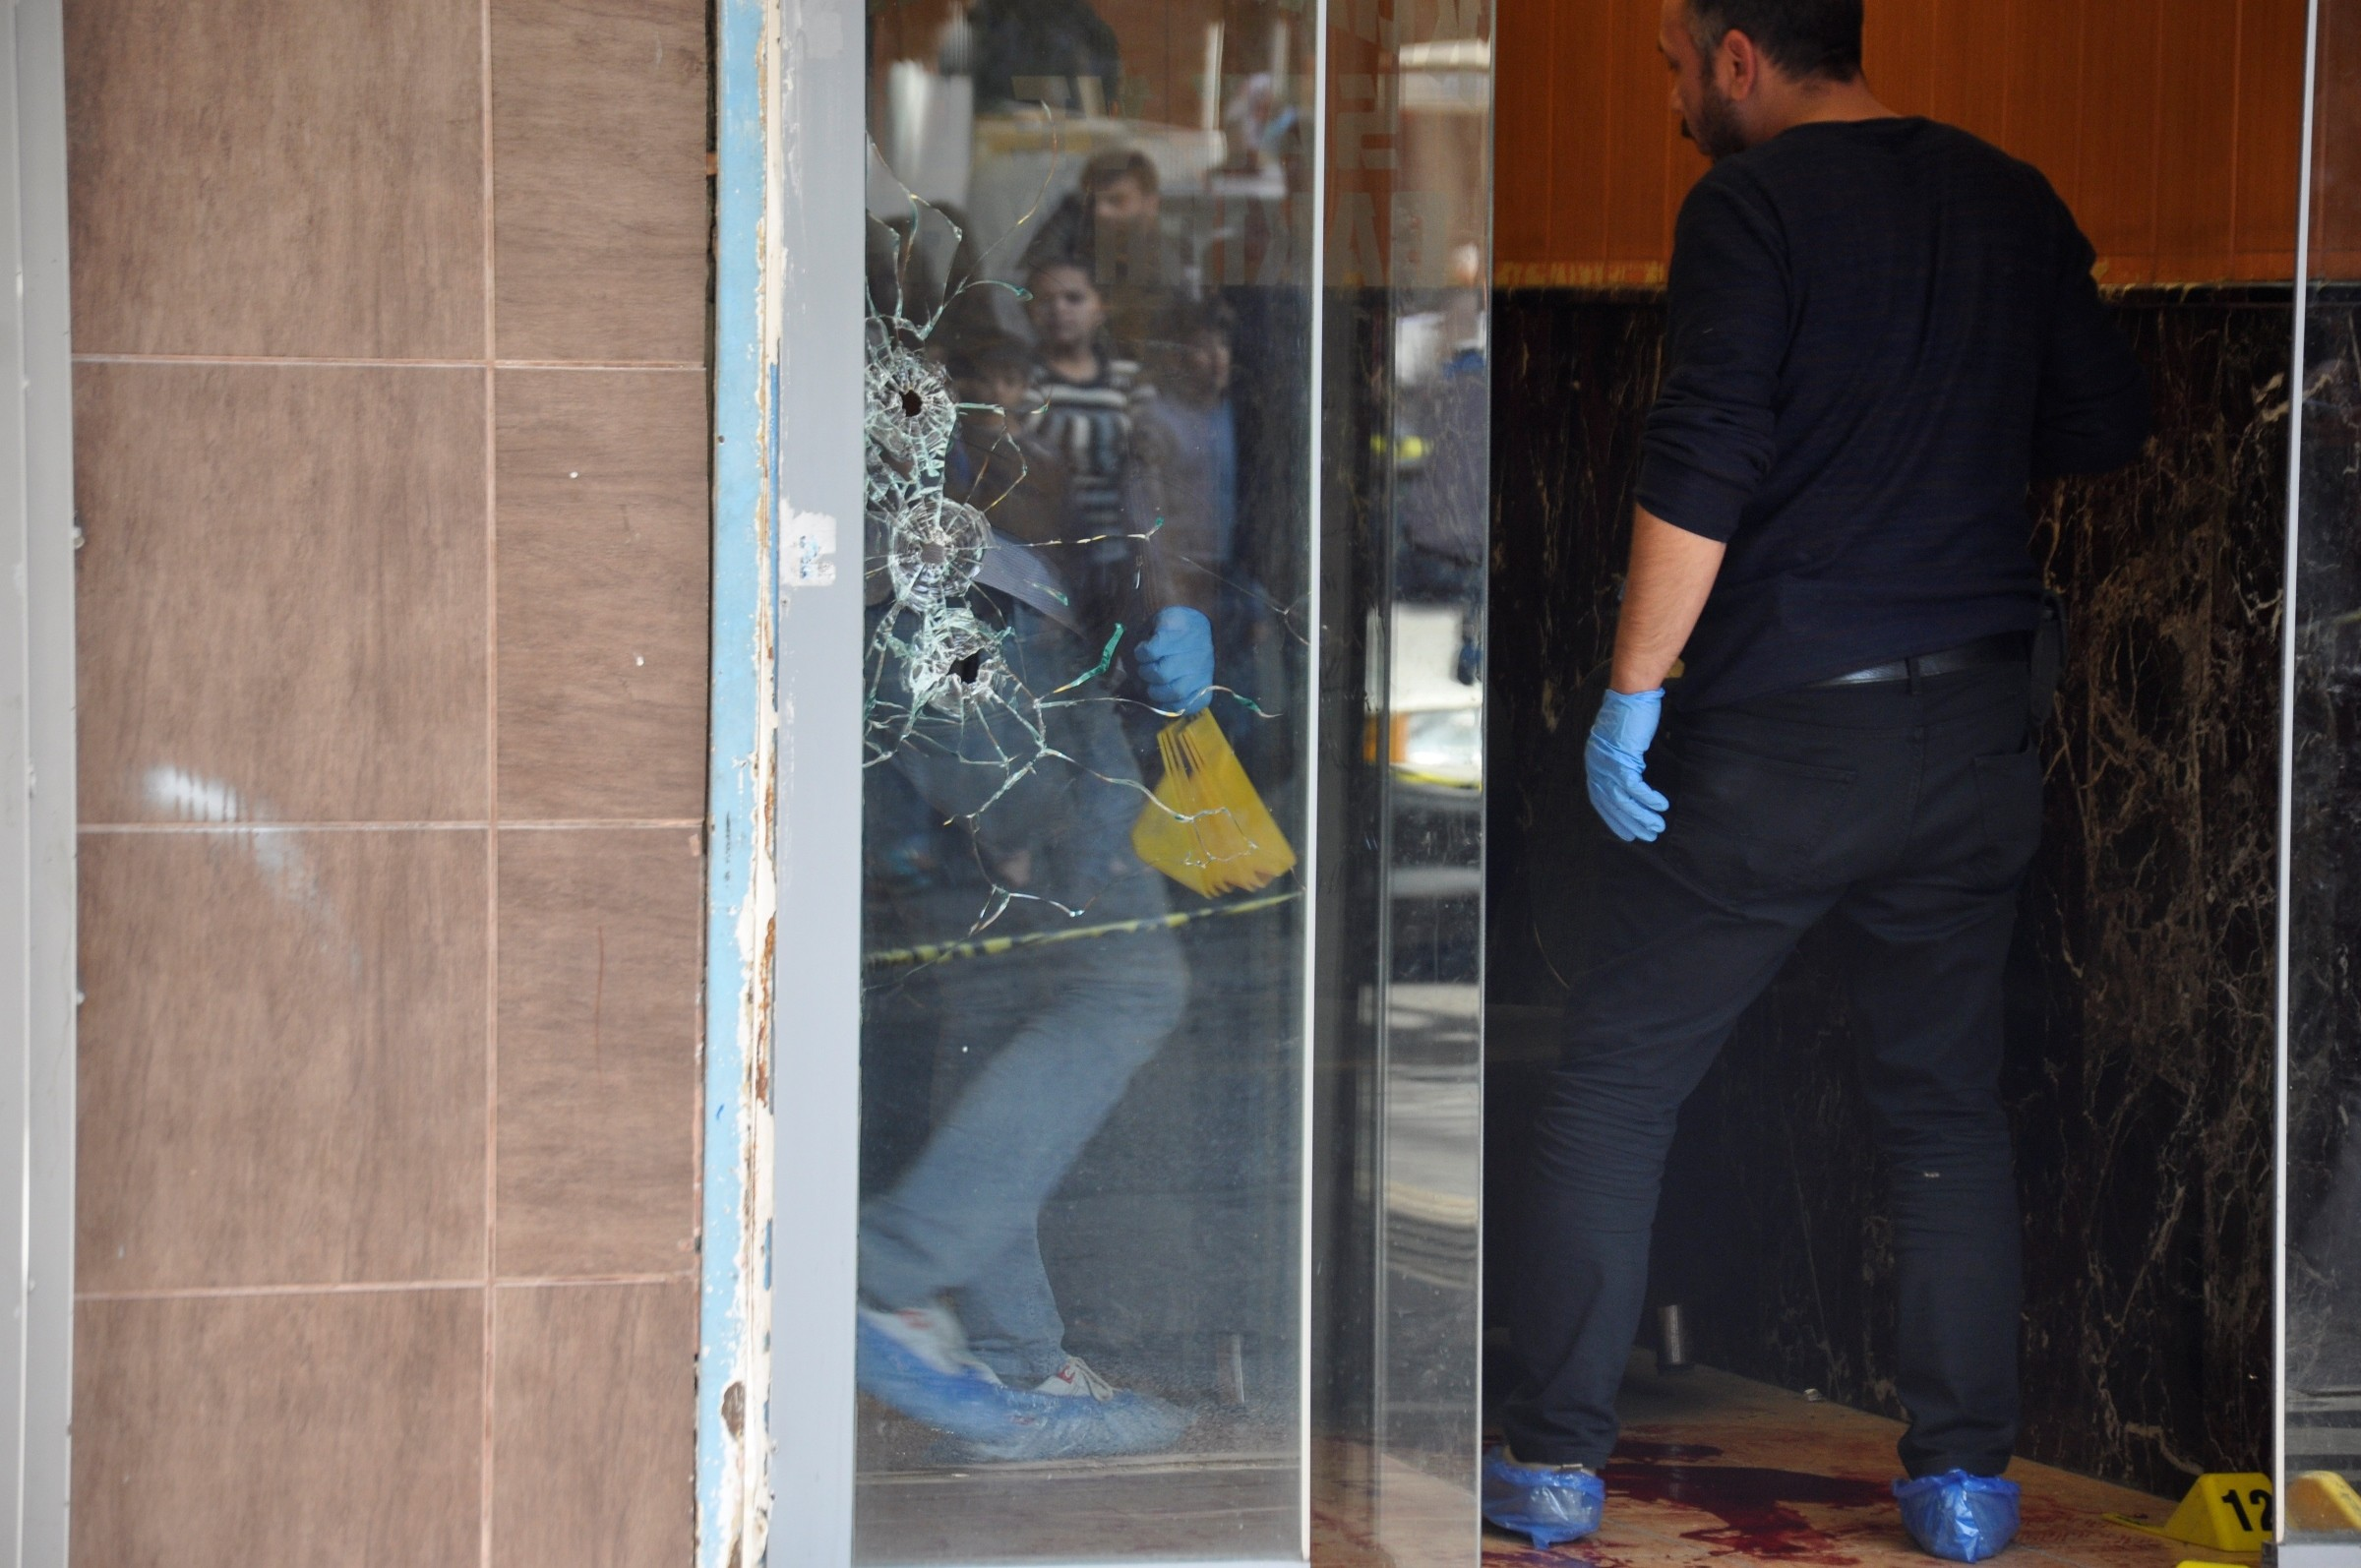 Diyarbakır'da bir iş yerine silahlı saldırı: 2 ağır yaralı